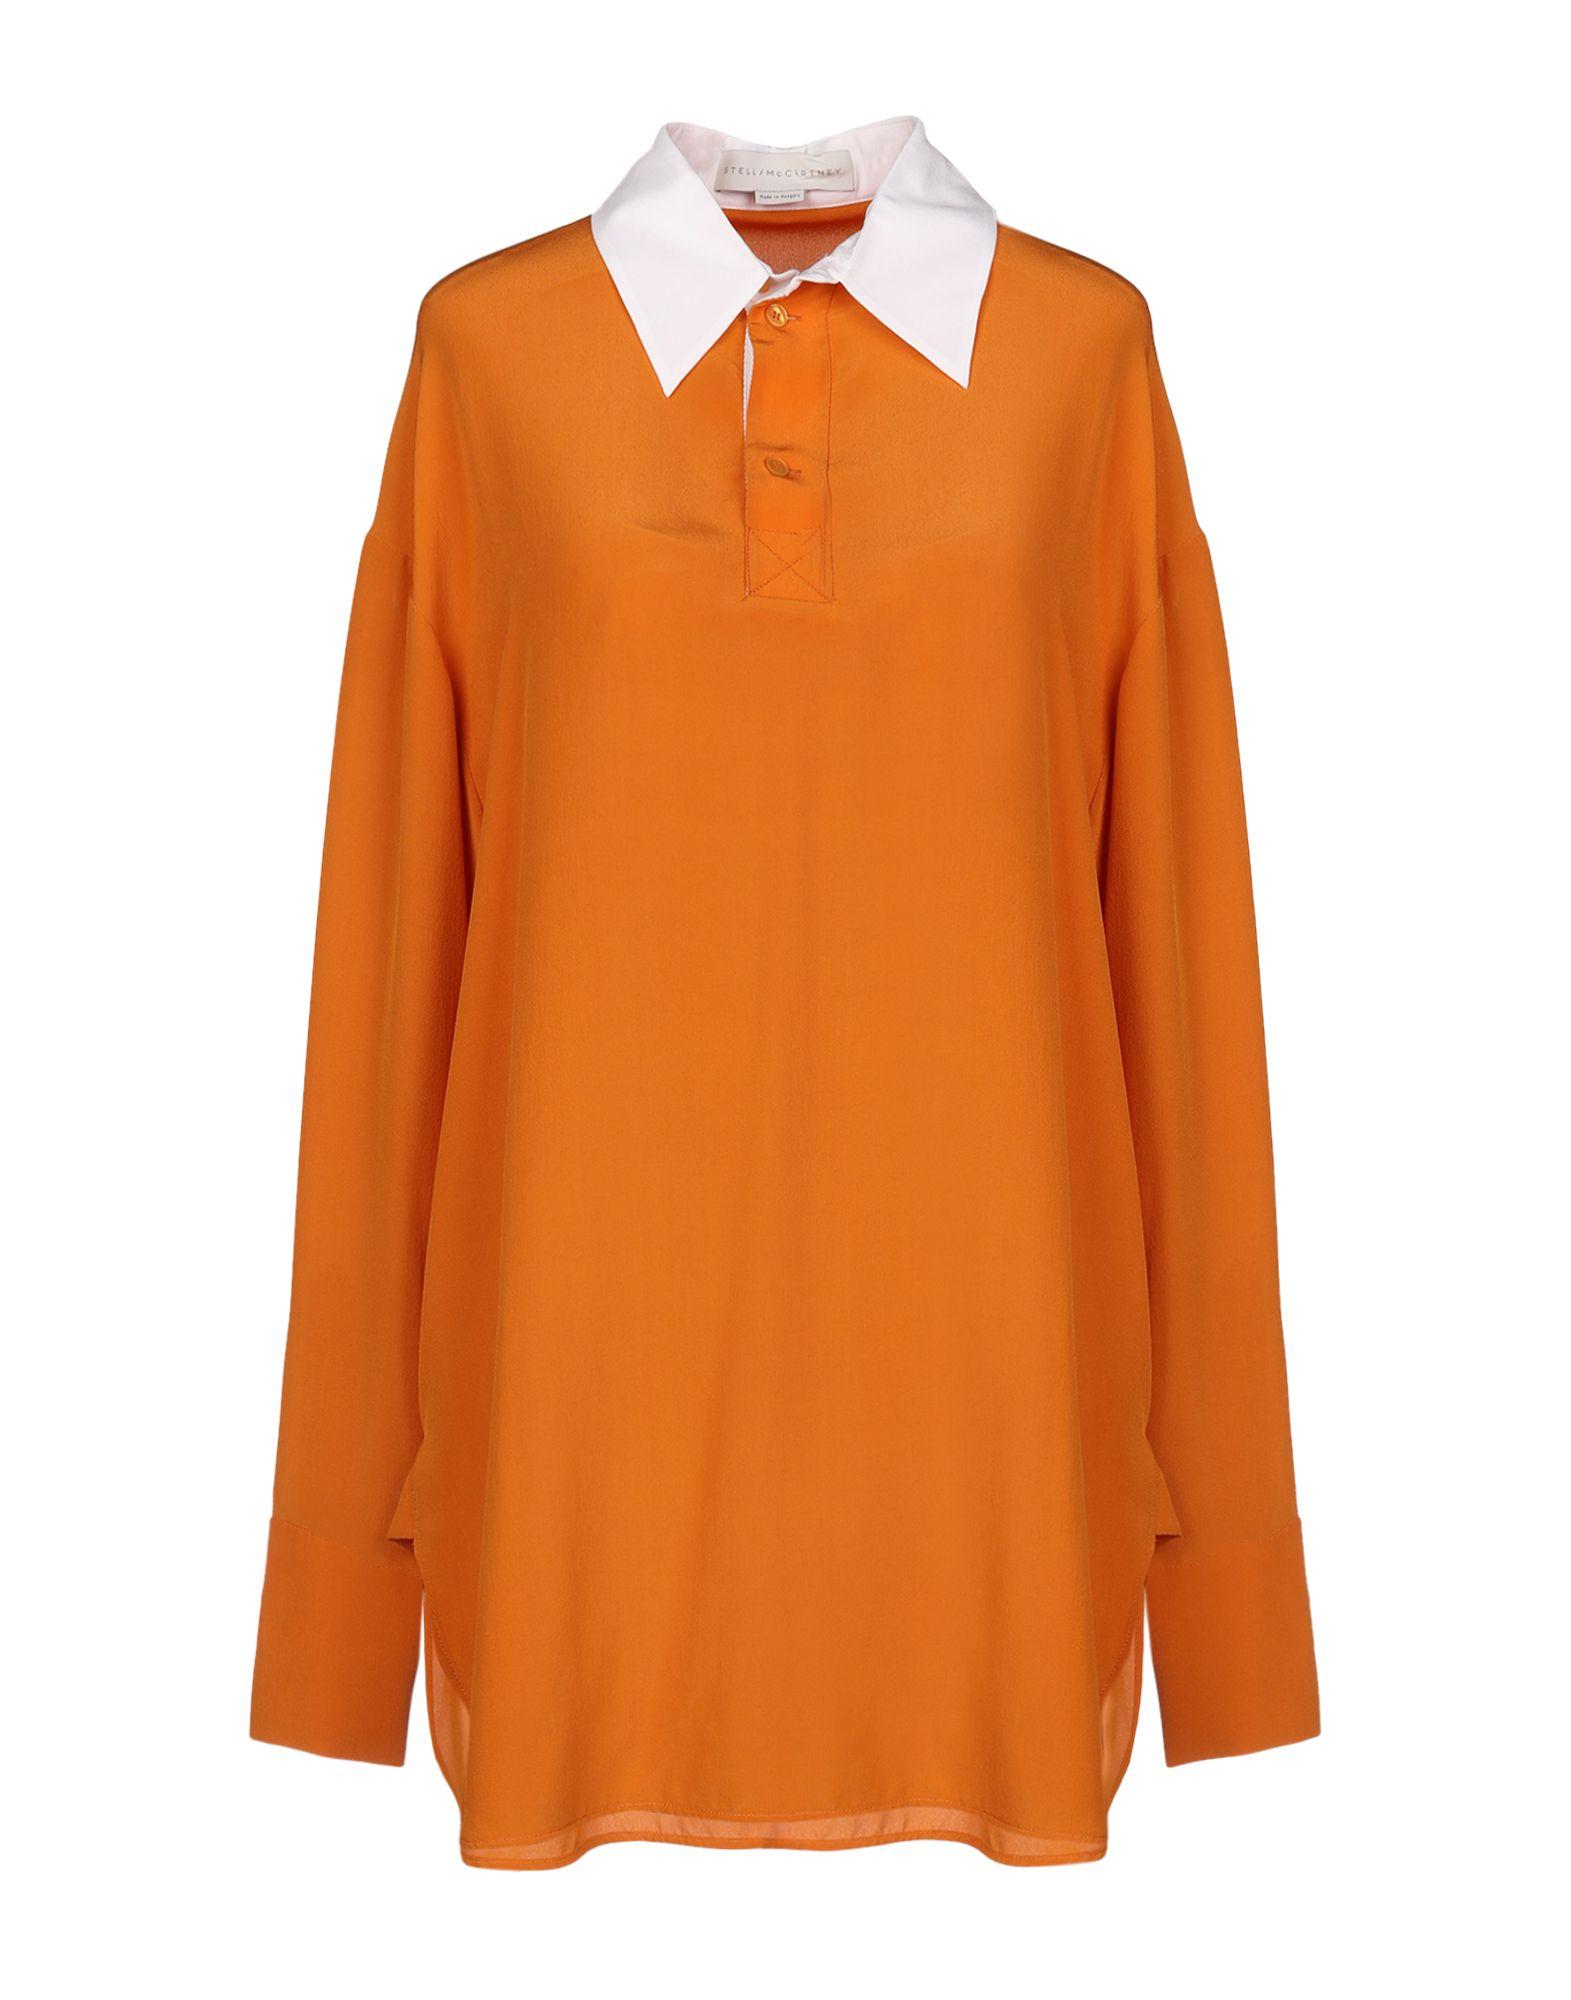 《送料無料》STELLA McCARTNEY レディース ブラウス オレンジ 38 シルク 100%